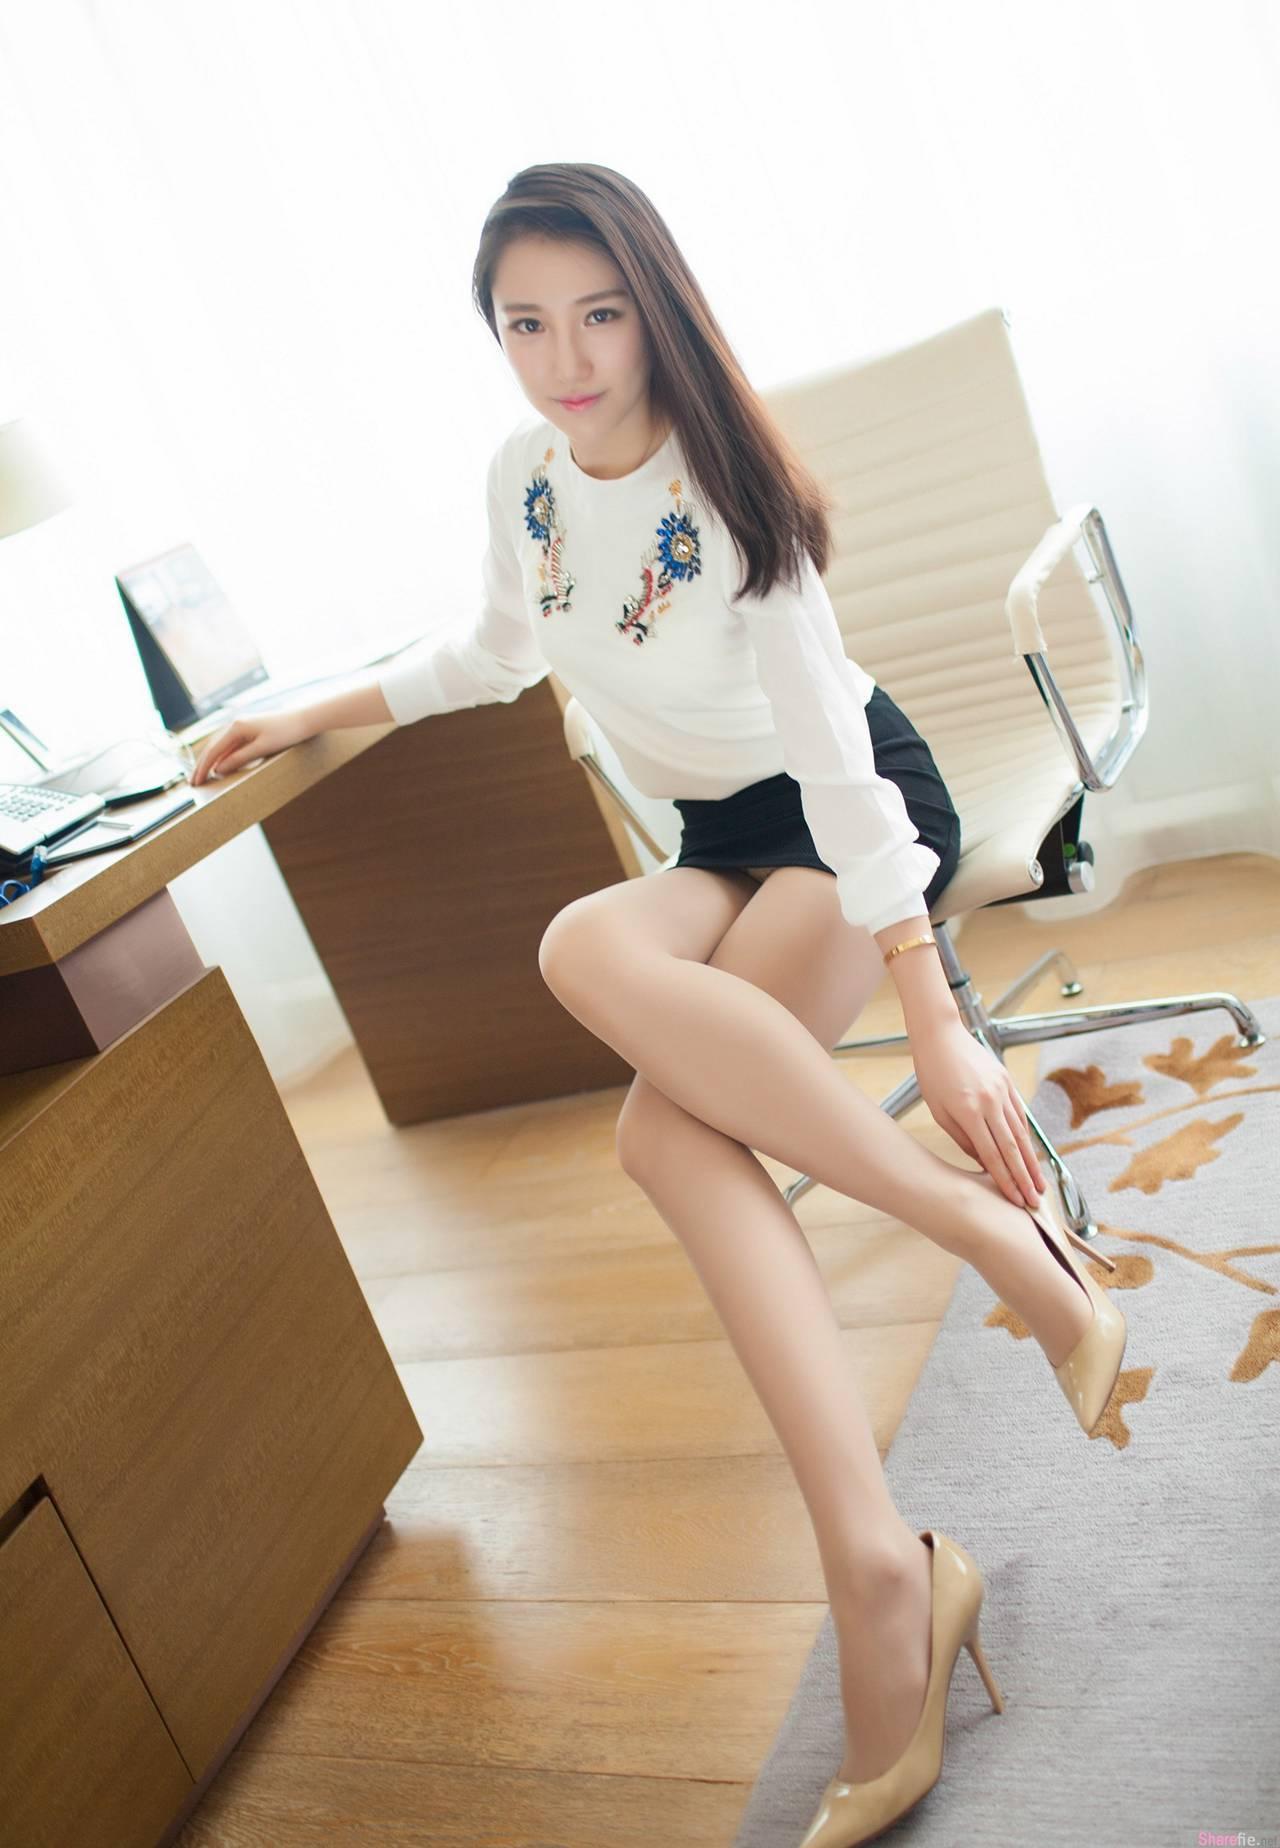 中国美腿女神 刘奕宁Lynn 美腿控:有种说不出的性感魅力